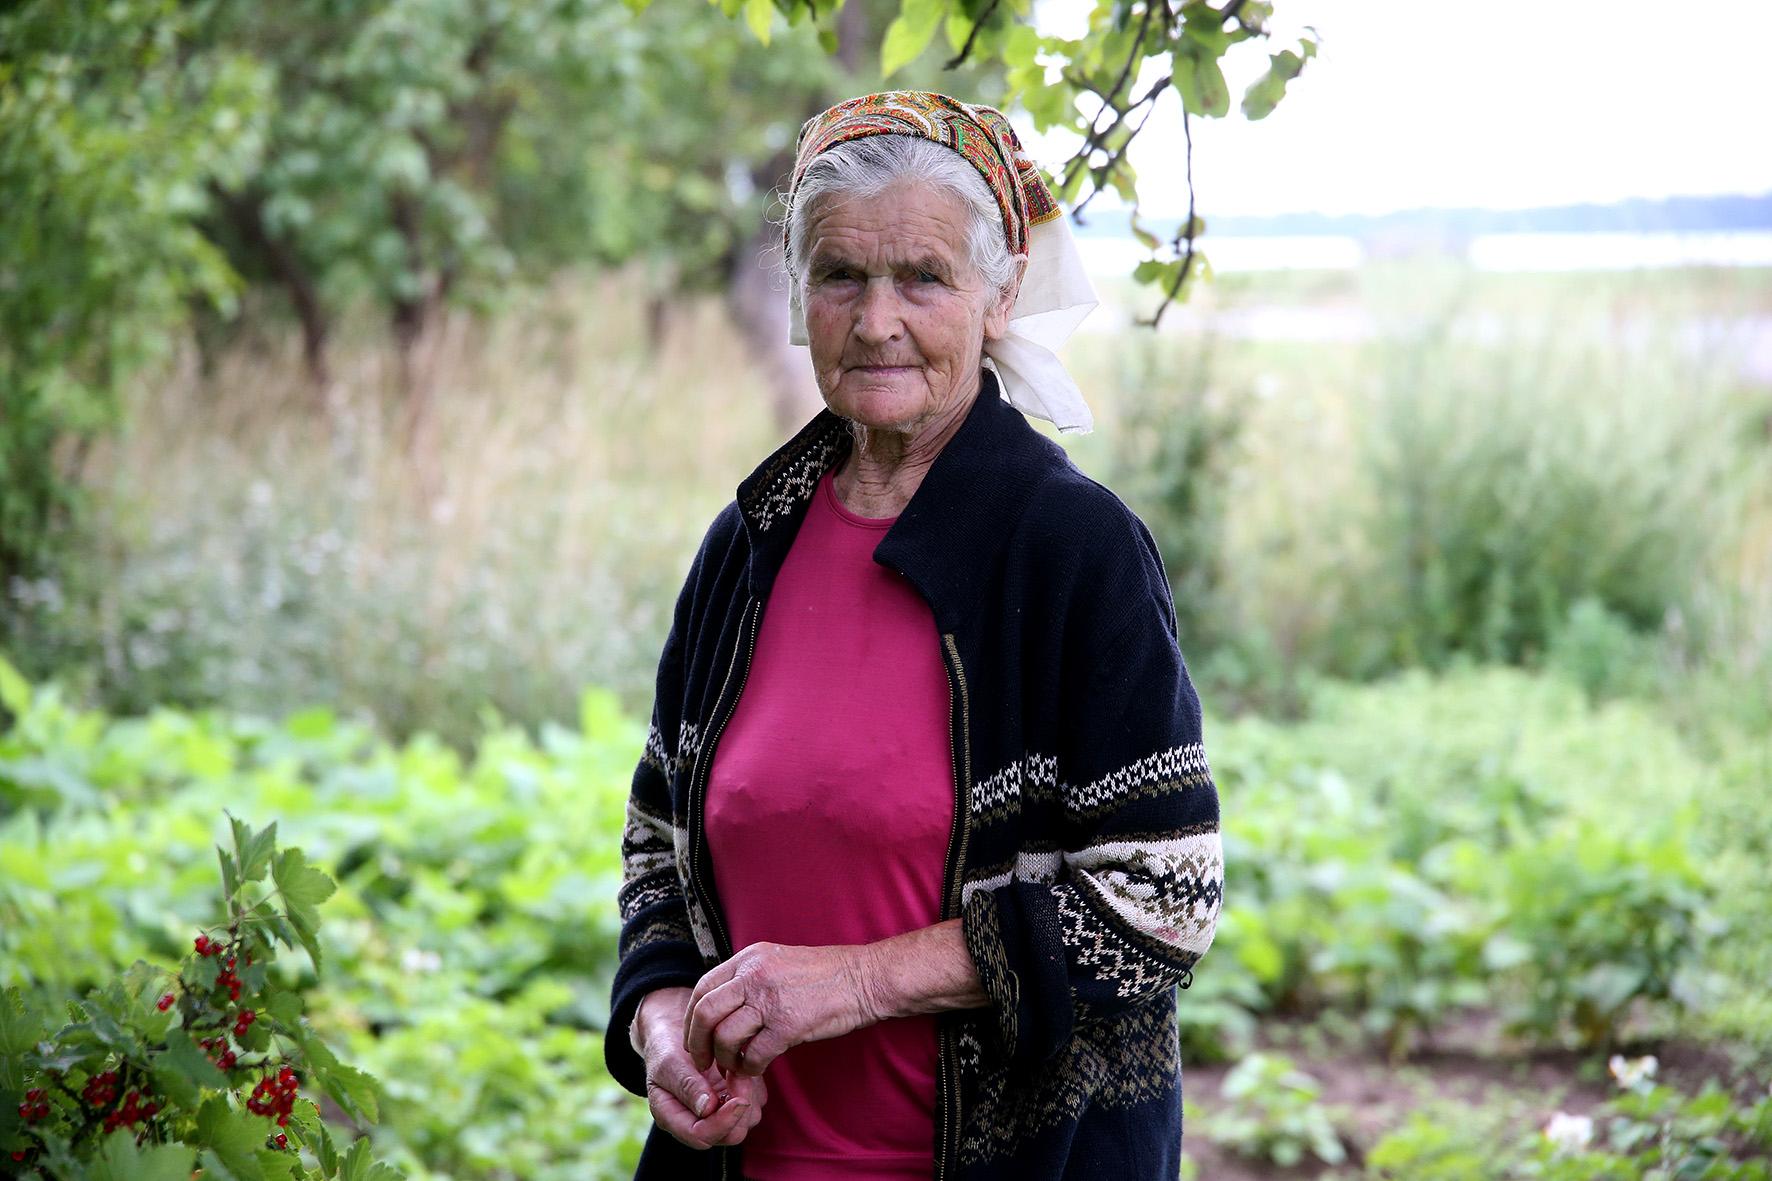 Susipažįstame su kaimo senole – devintą dešimtį skaičiuojančia senjore Genovaite. A. Barzdžiaus nuotr.